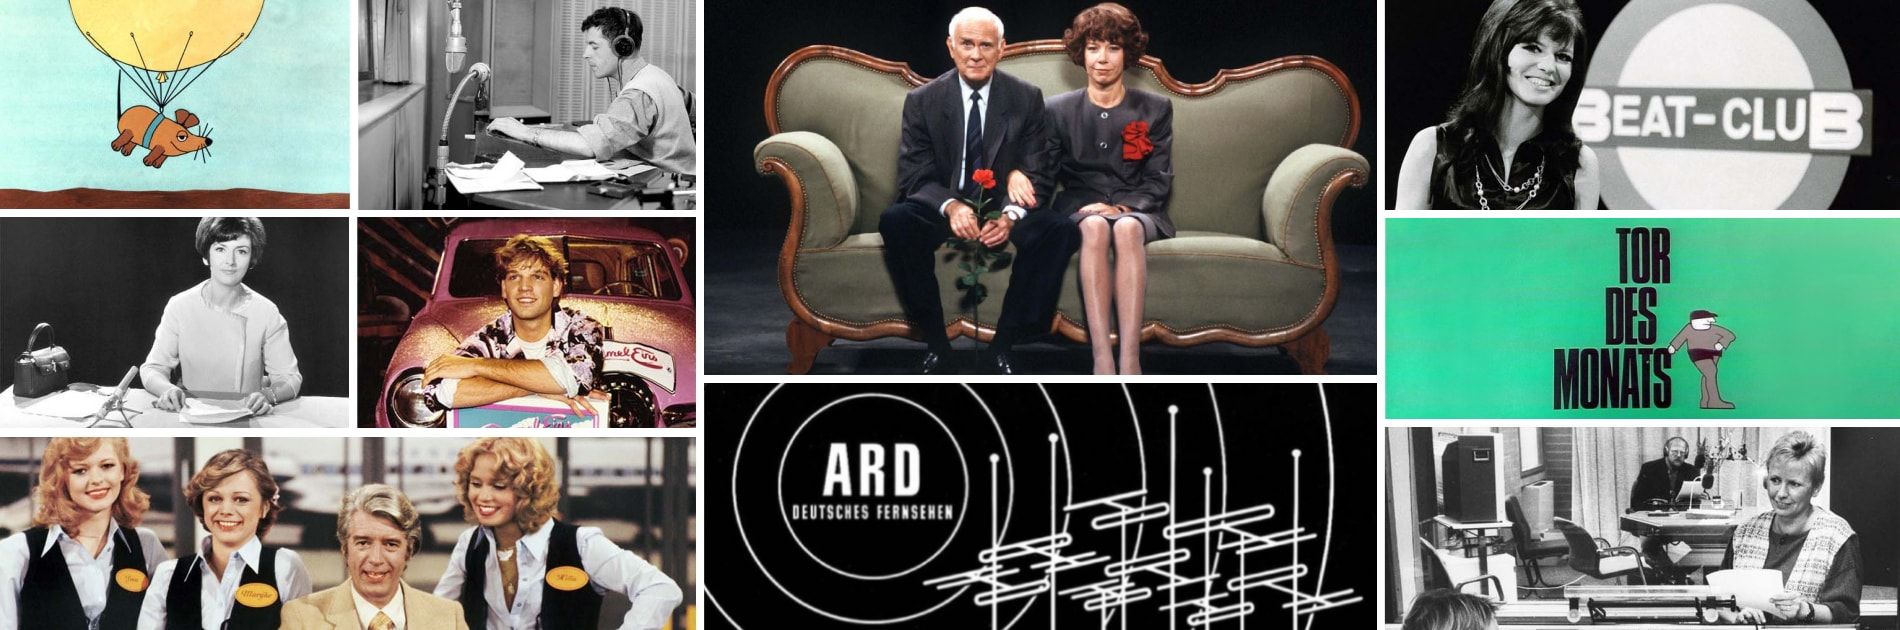 """""""70 Jahre ARD""""-Collage; rechts unten Hörfunk-Regie im Studio Bielefeld   Bildquelle: WDR; rechts unten WDR/Andreas Frücht"""